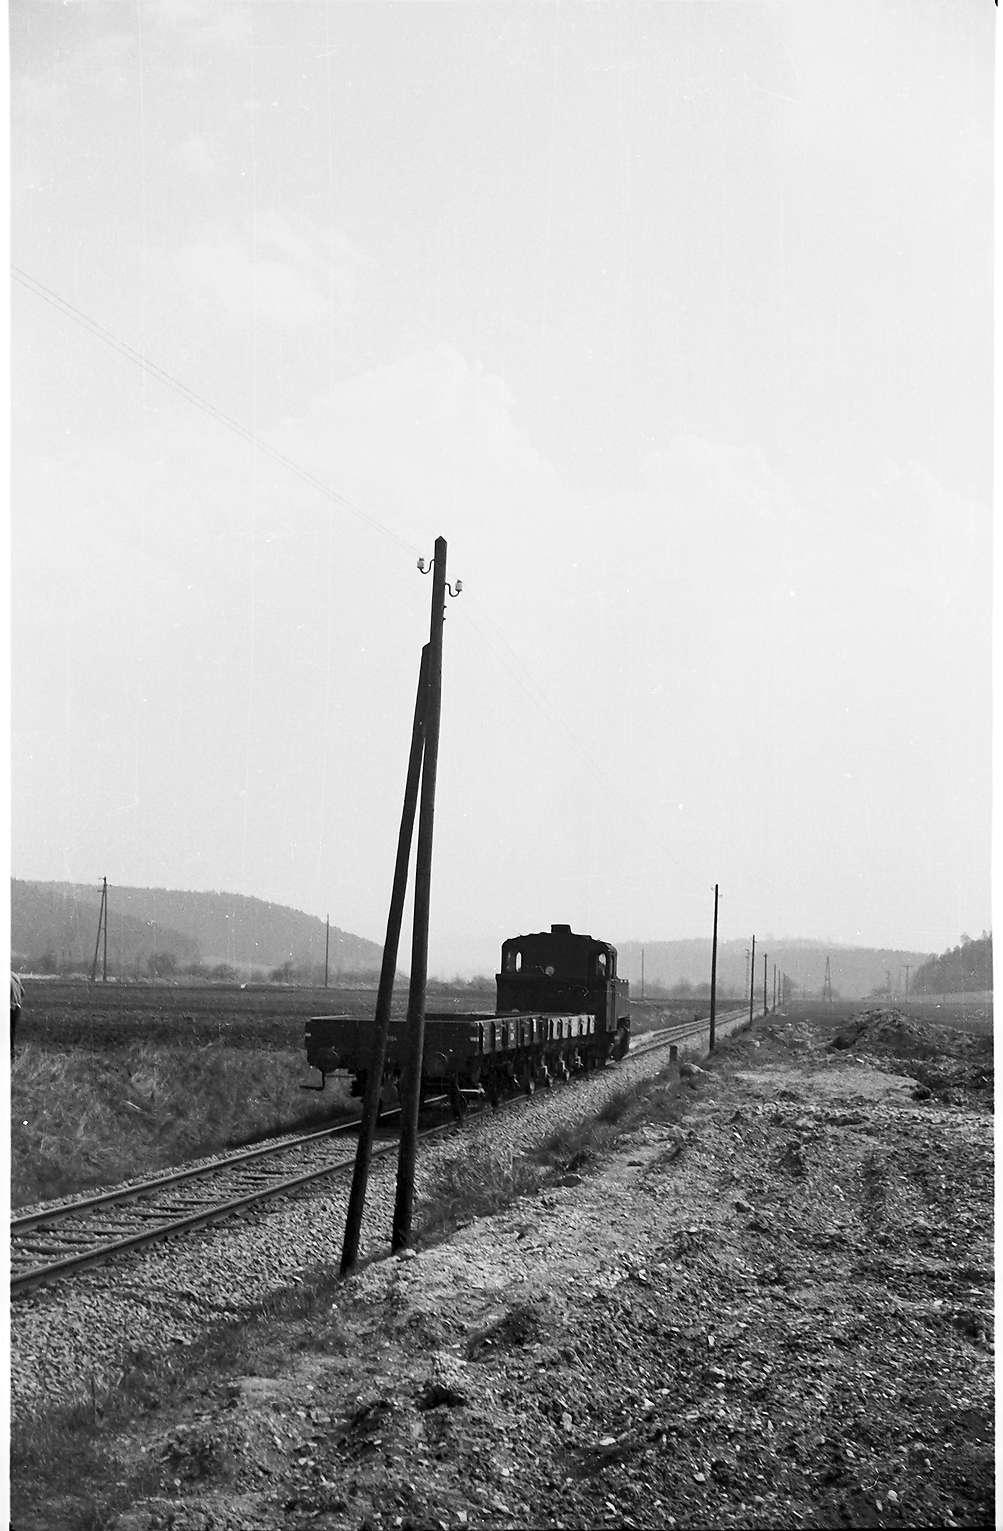 Lok 16, Az 405 Baustelle Rangendingen, Bild 1